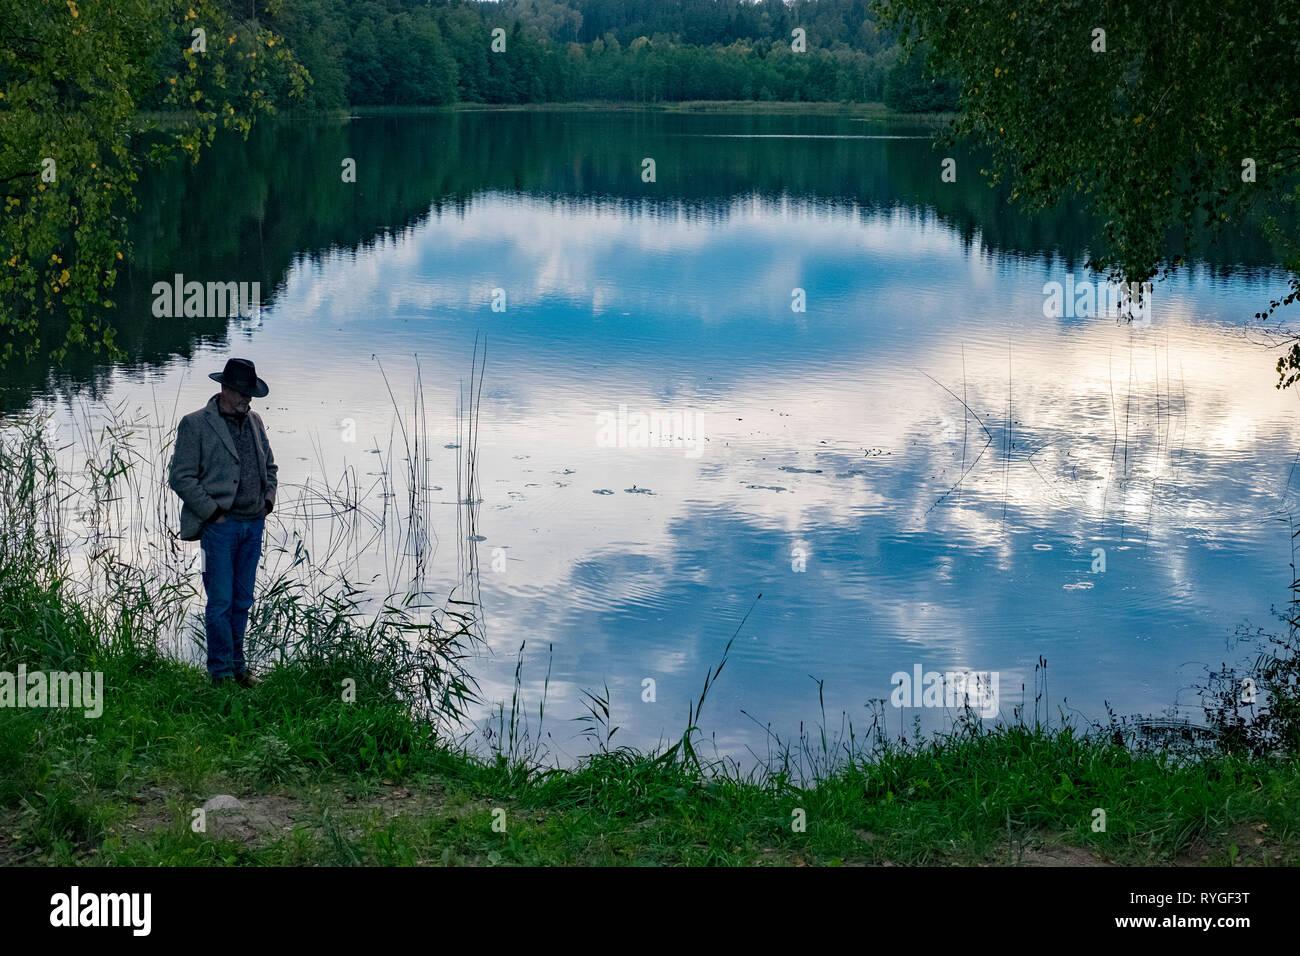 Polish Hat Stock Photos & Polish Hat Stock Images - Alamy